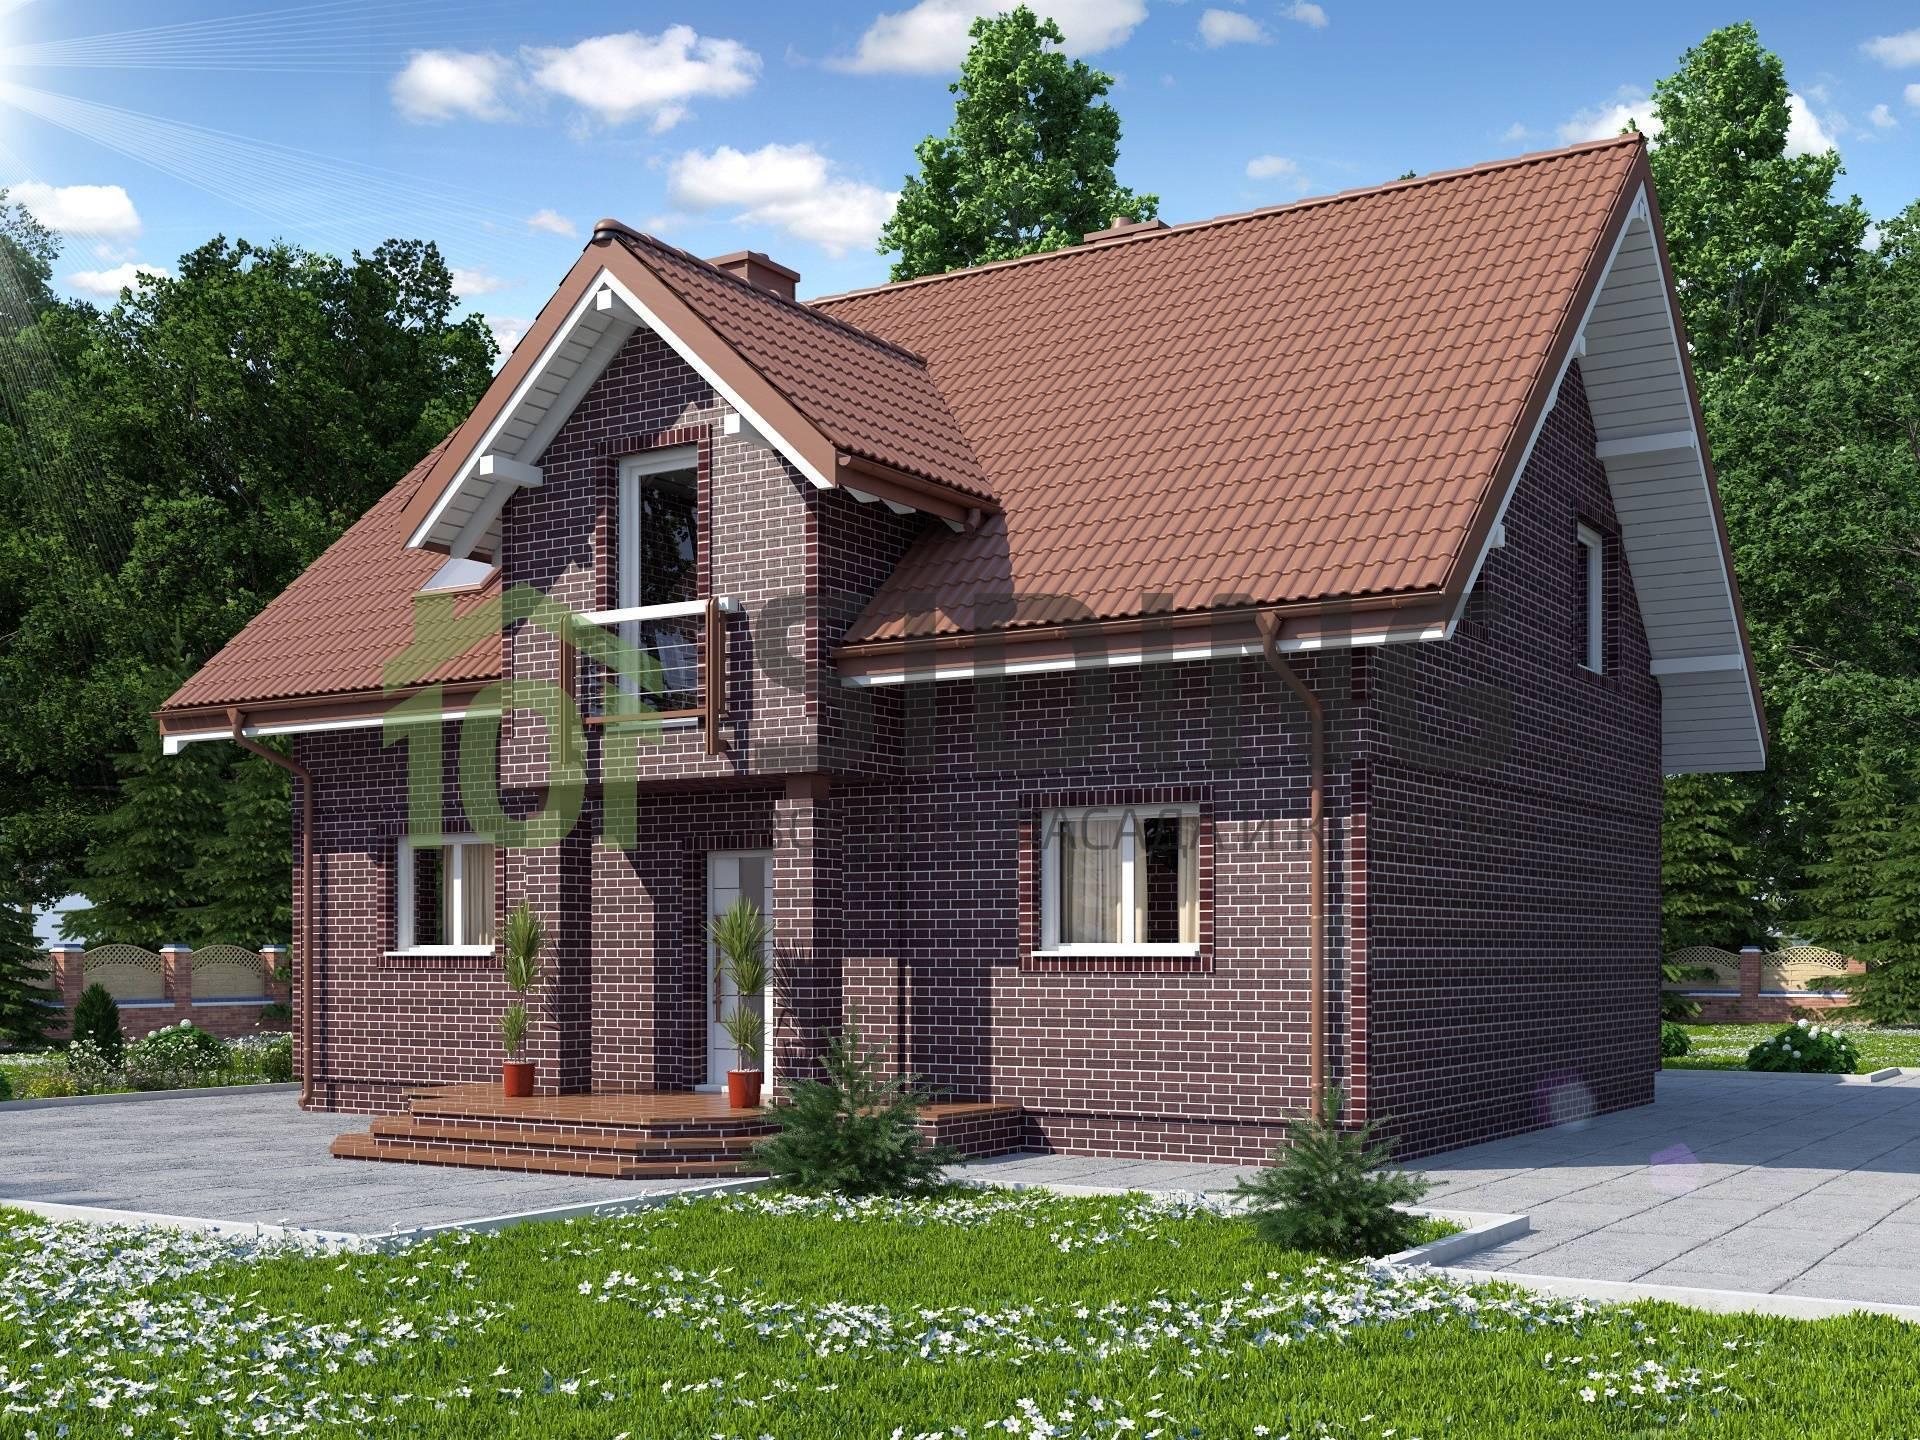 Кирпичный небольшой дом. как построить кирпичный дом: фото…репортаж и мастер-класс :)